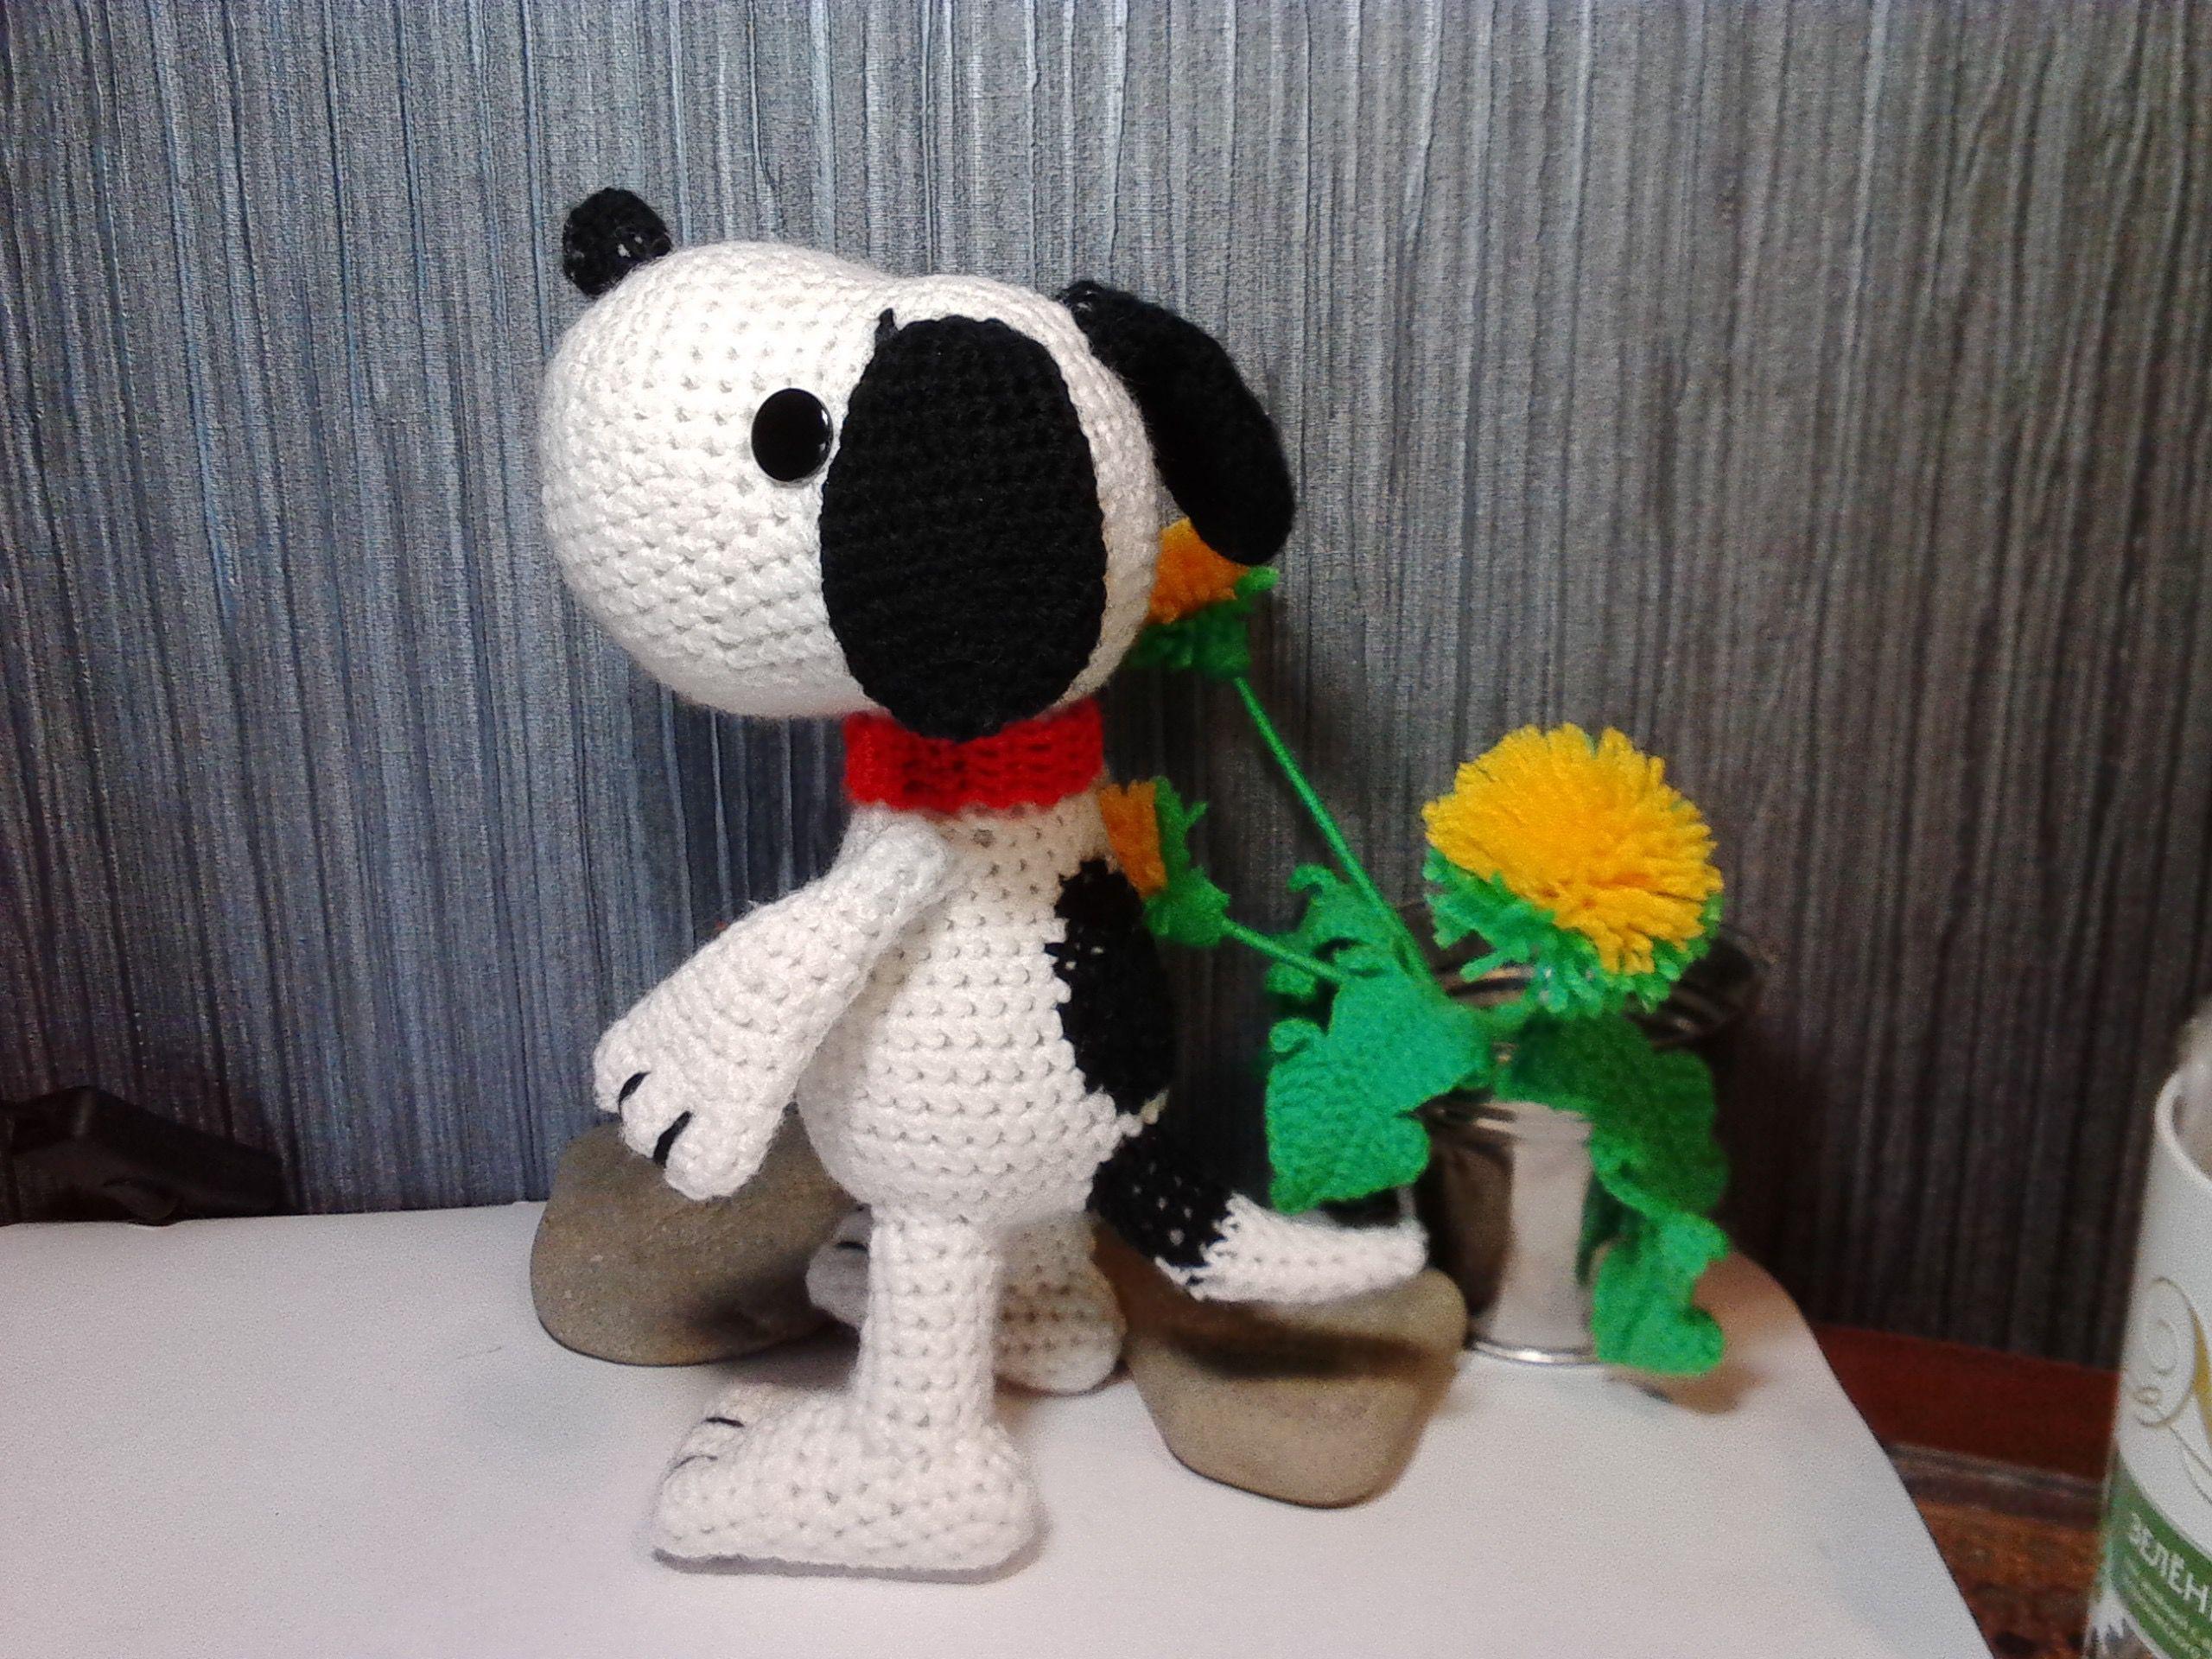 вязание игрушки вязанные собака год мастер 2018 класс снупи крючком щенок песик собаки пес